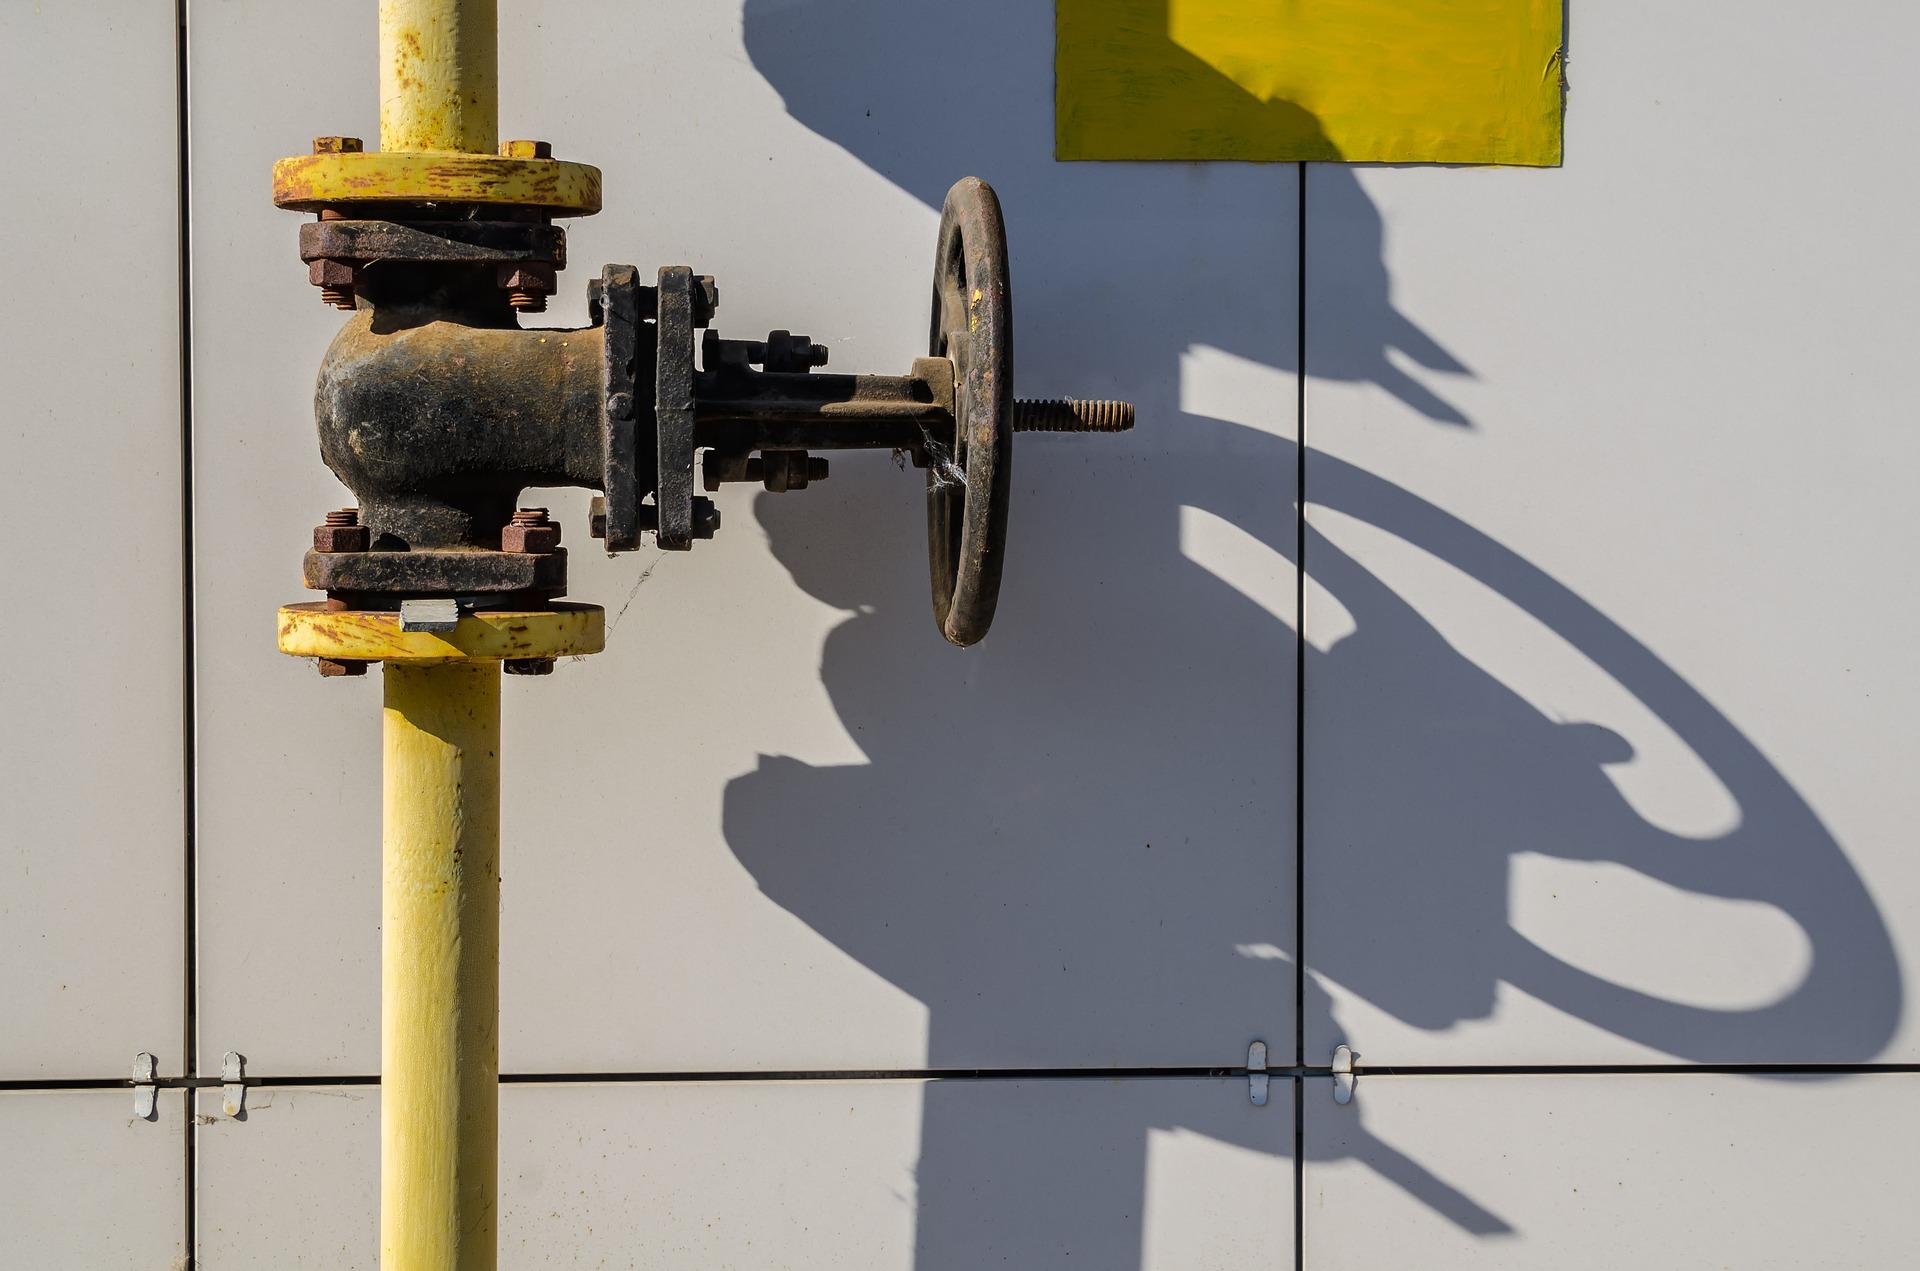 Регулятор оштрафував 7 постачальників газу за порушення законодавства